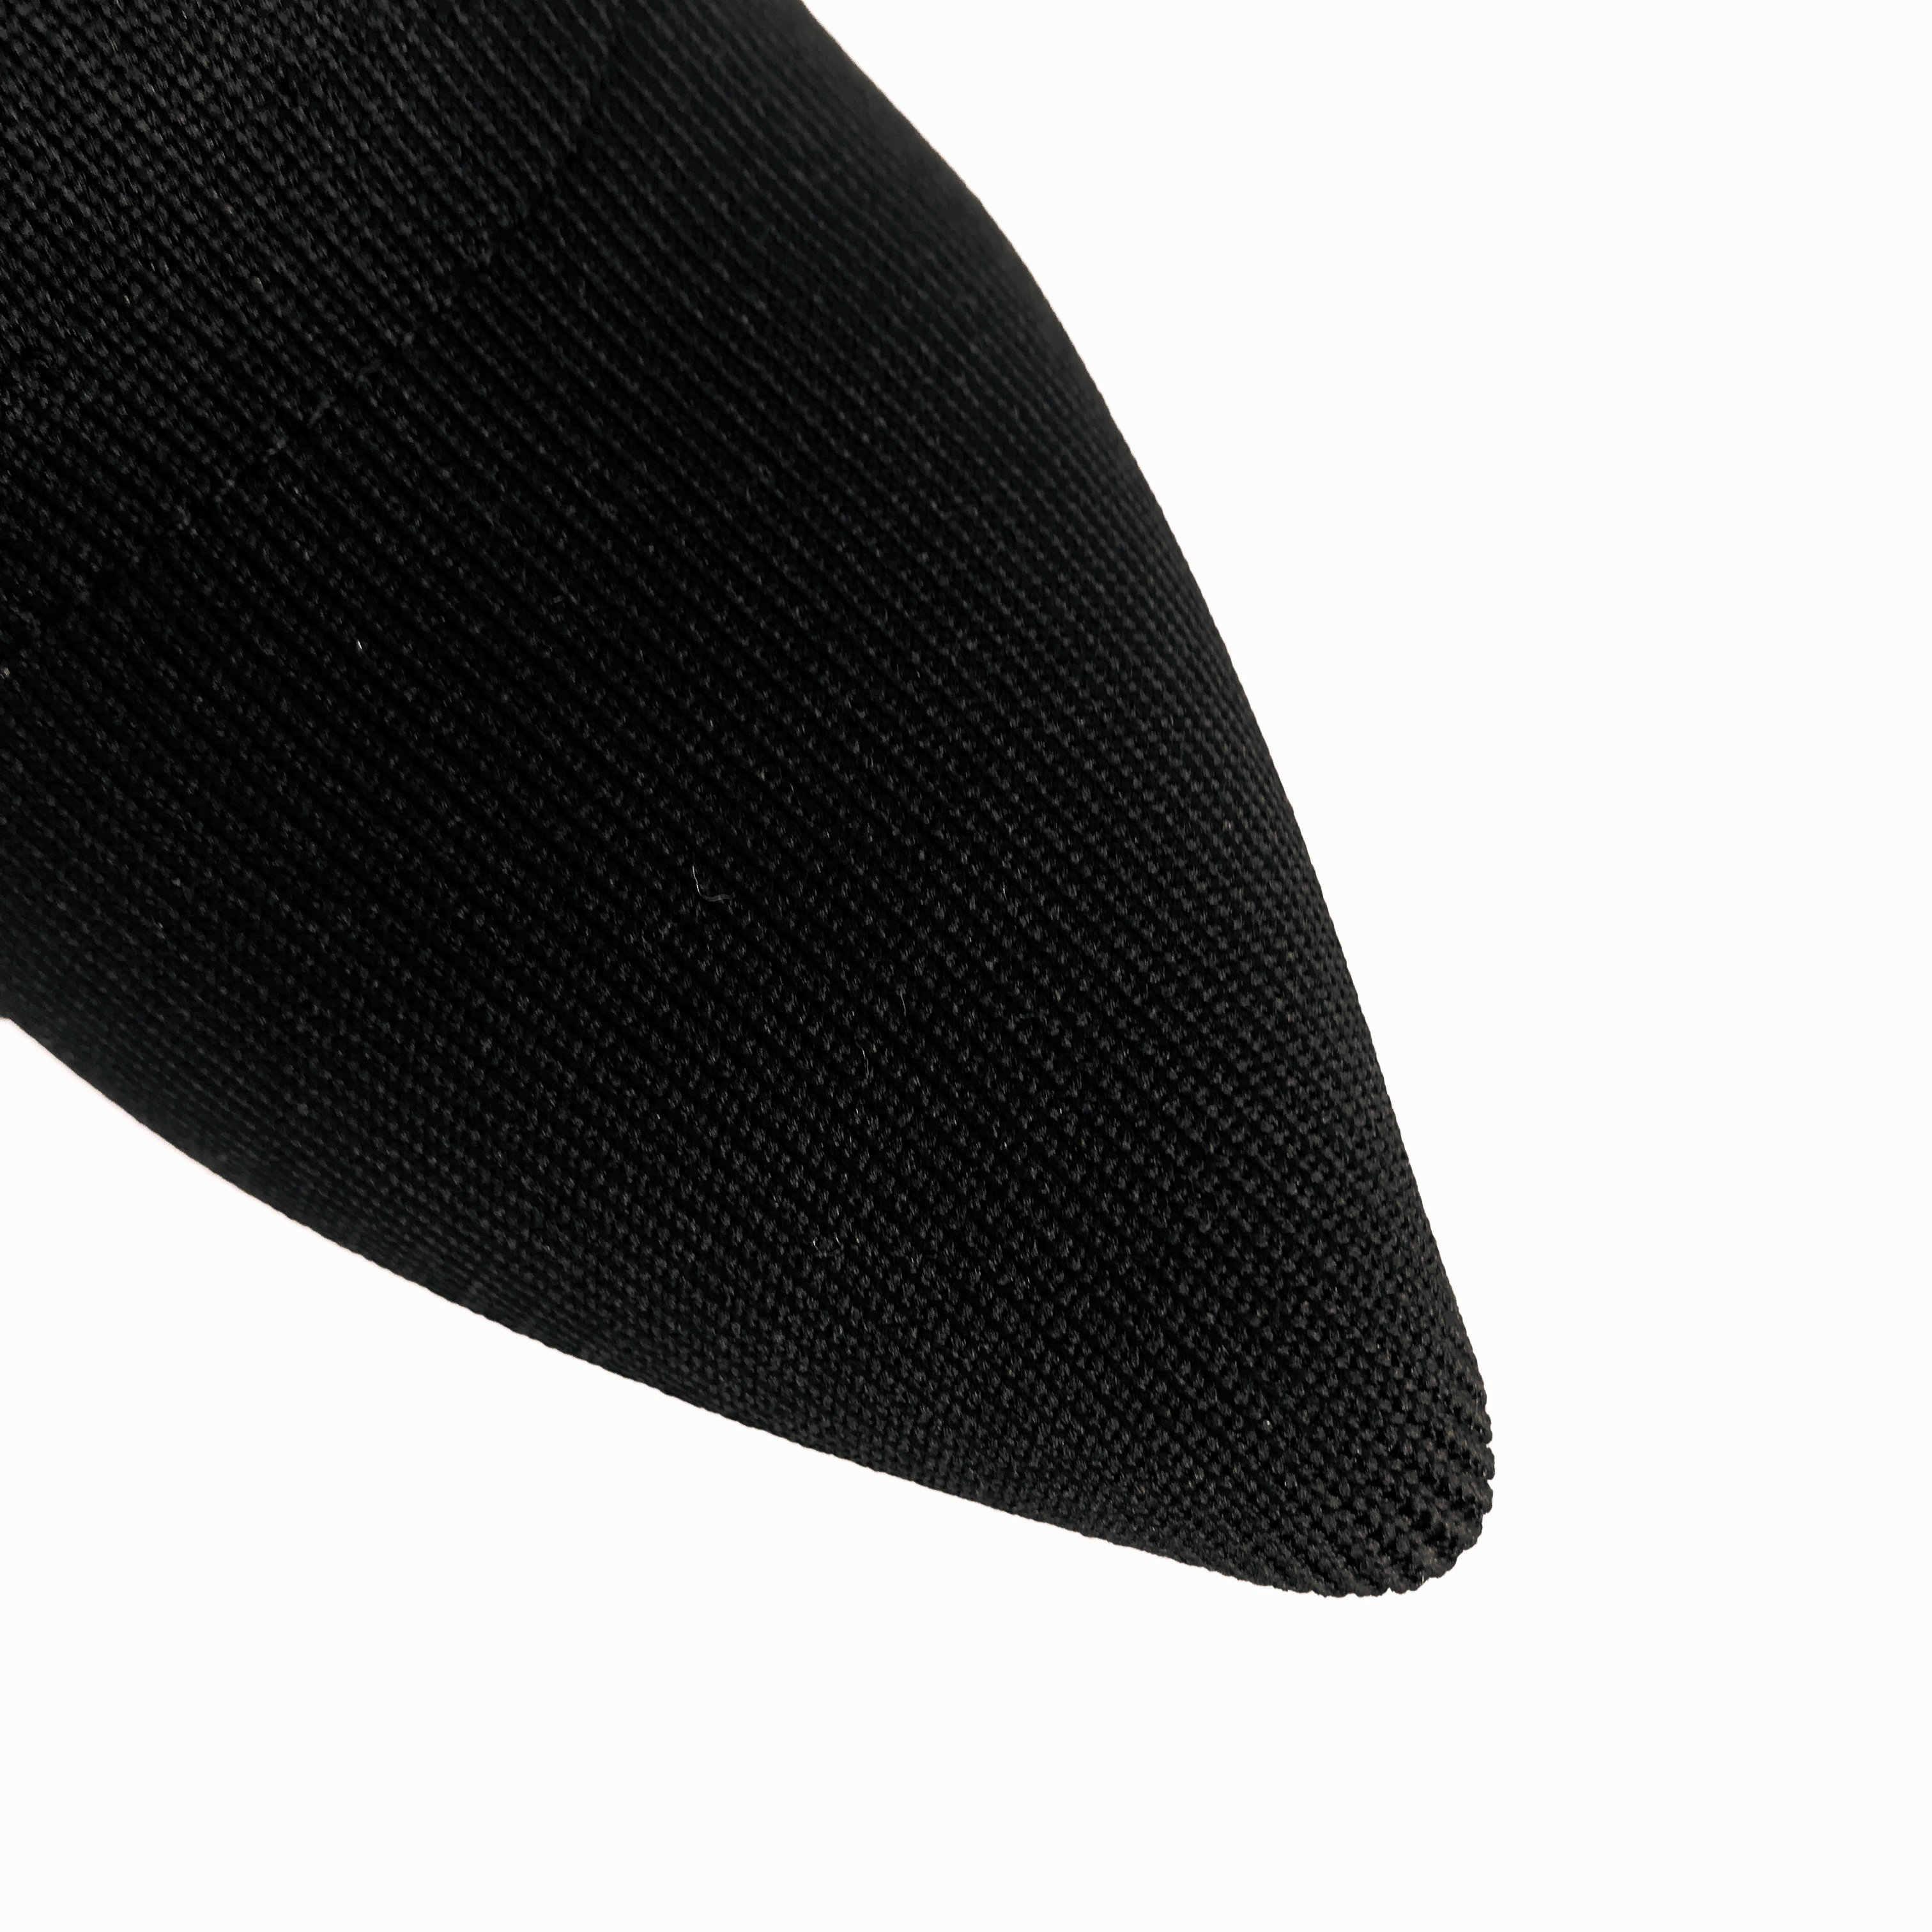 Siyah sivri burun çorap kadın moda konfor blok topuk yarım çizmeler bayanlar parti kısa çizmeler kadın sonbahar kış botları